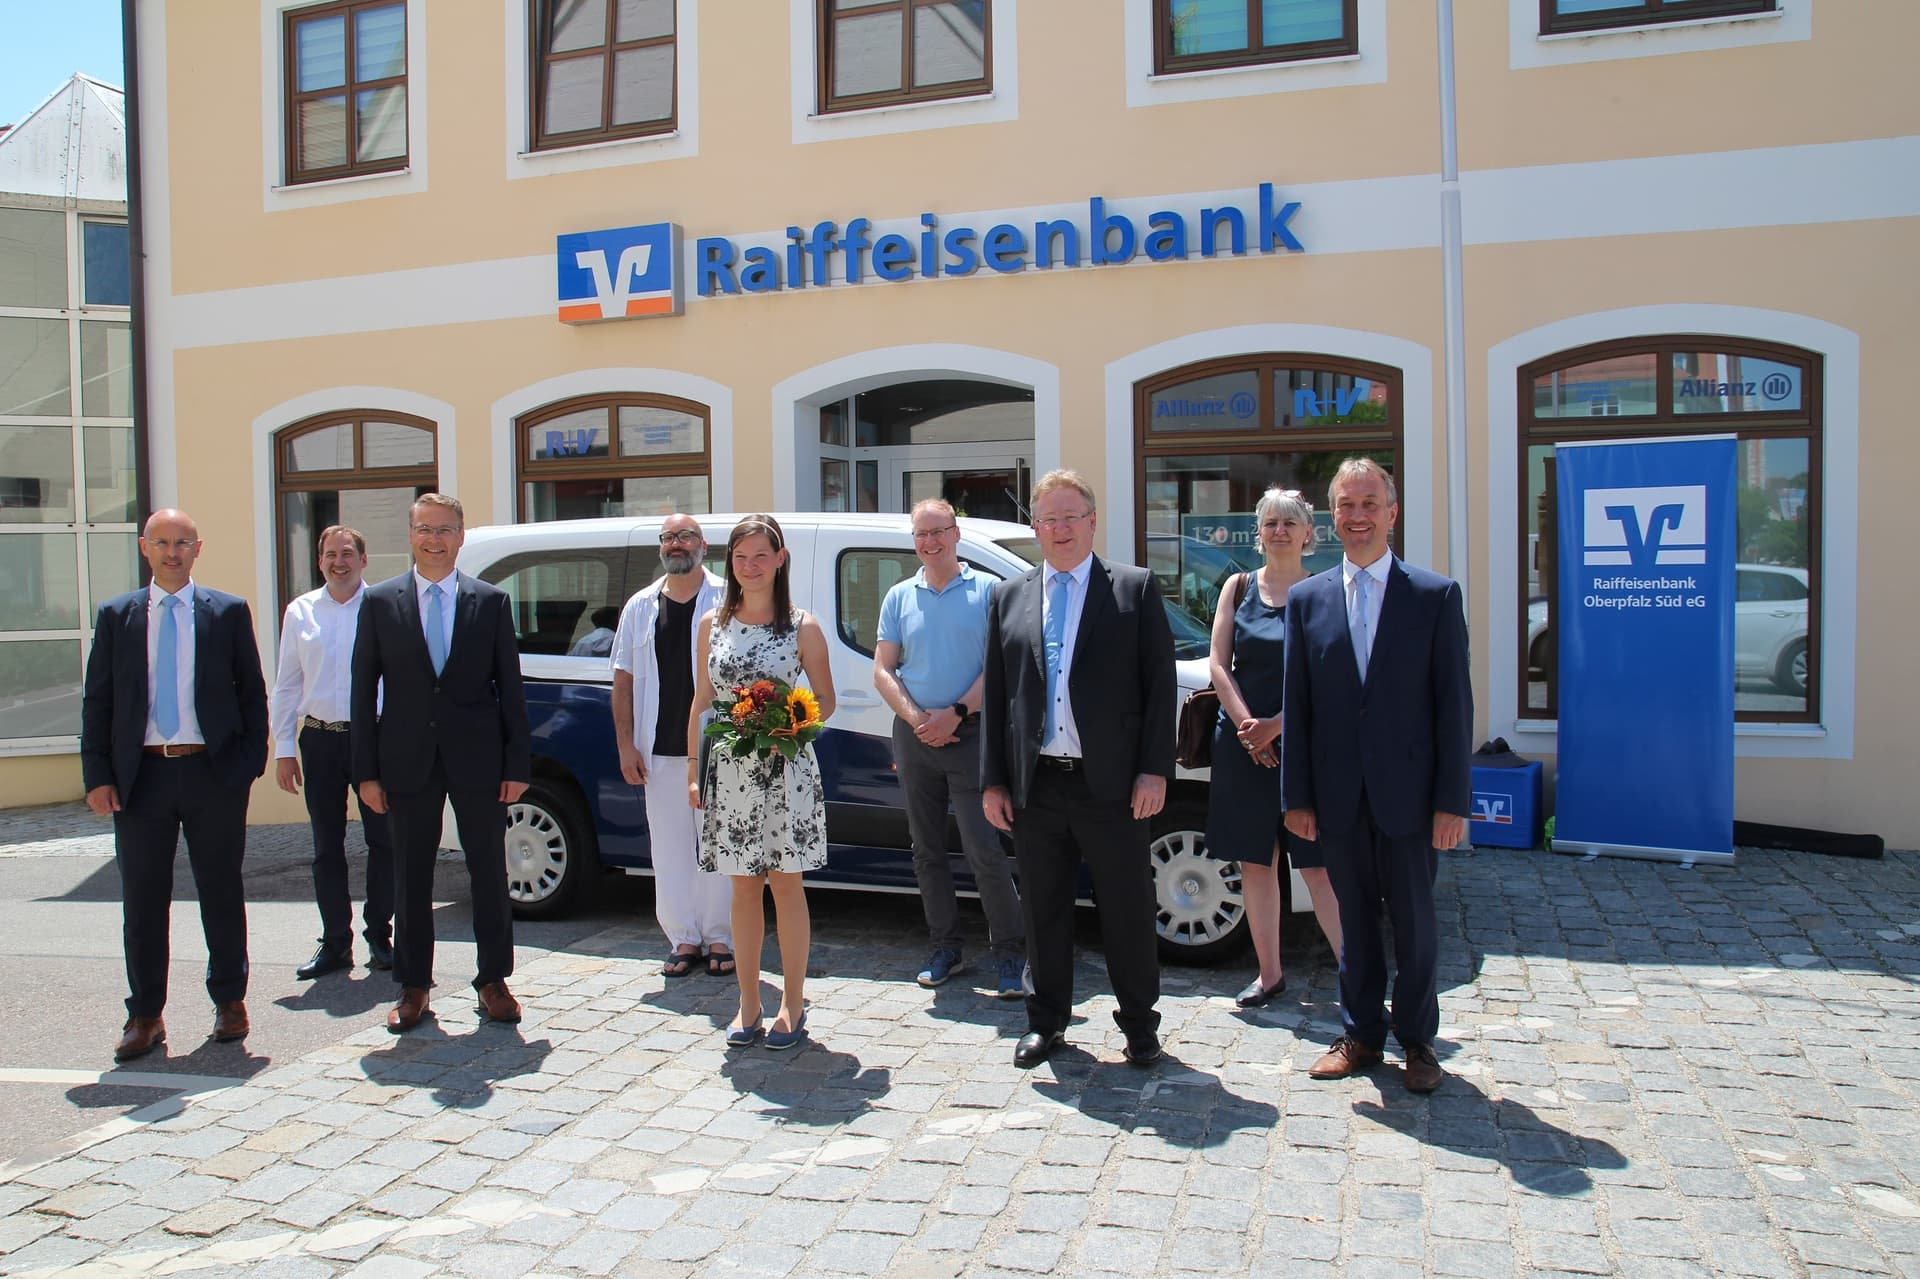 raiffeisenbank 1